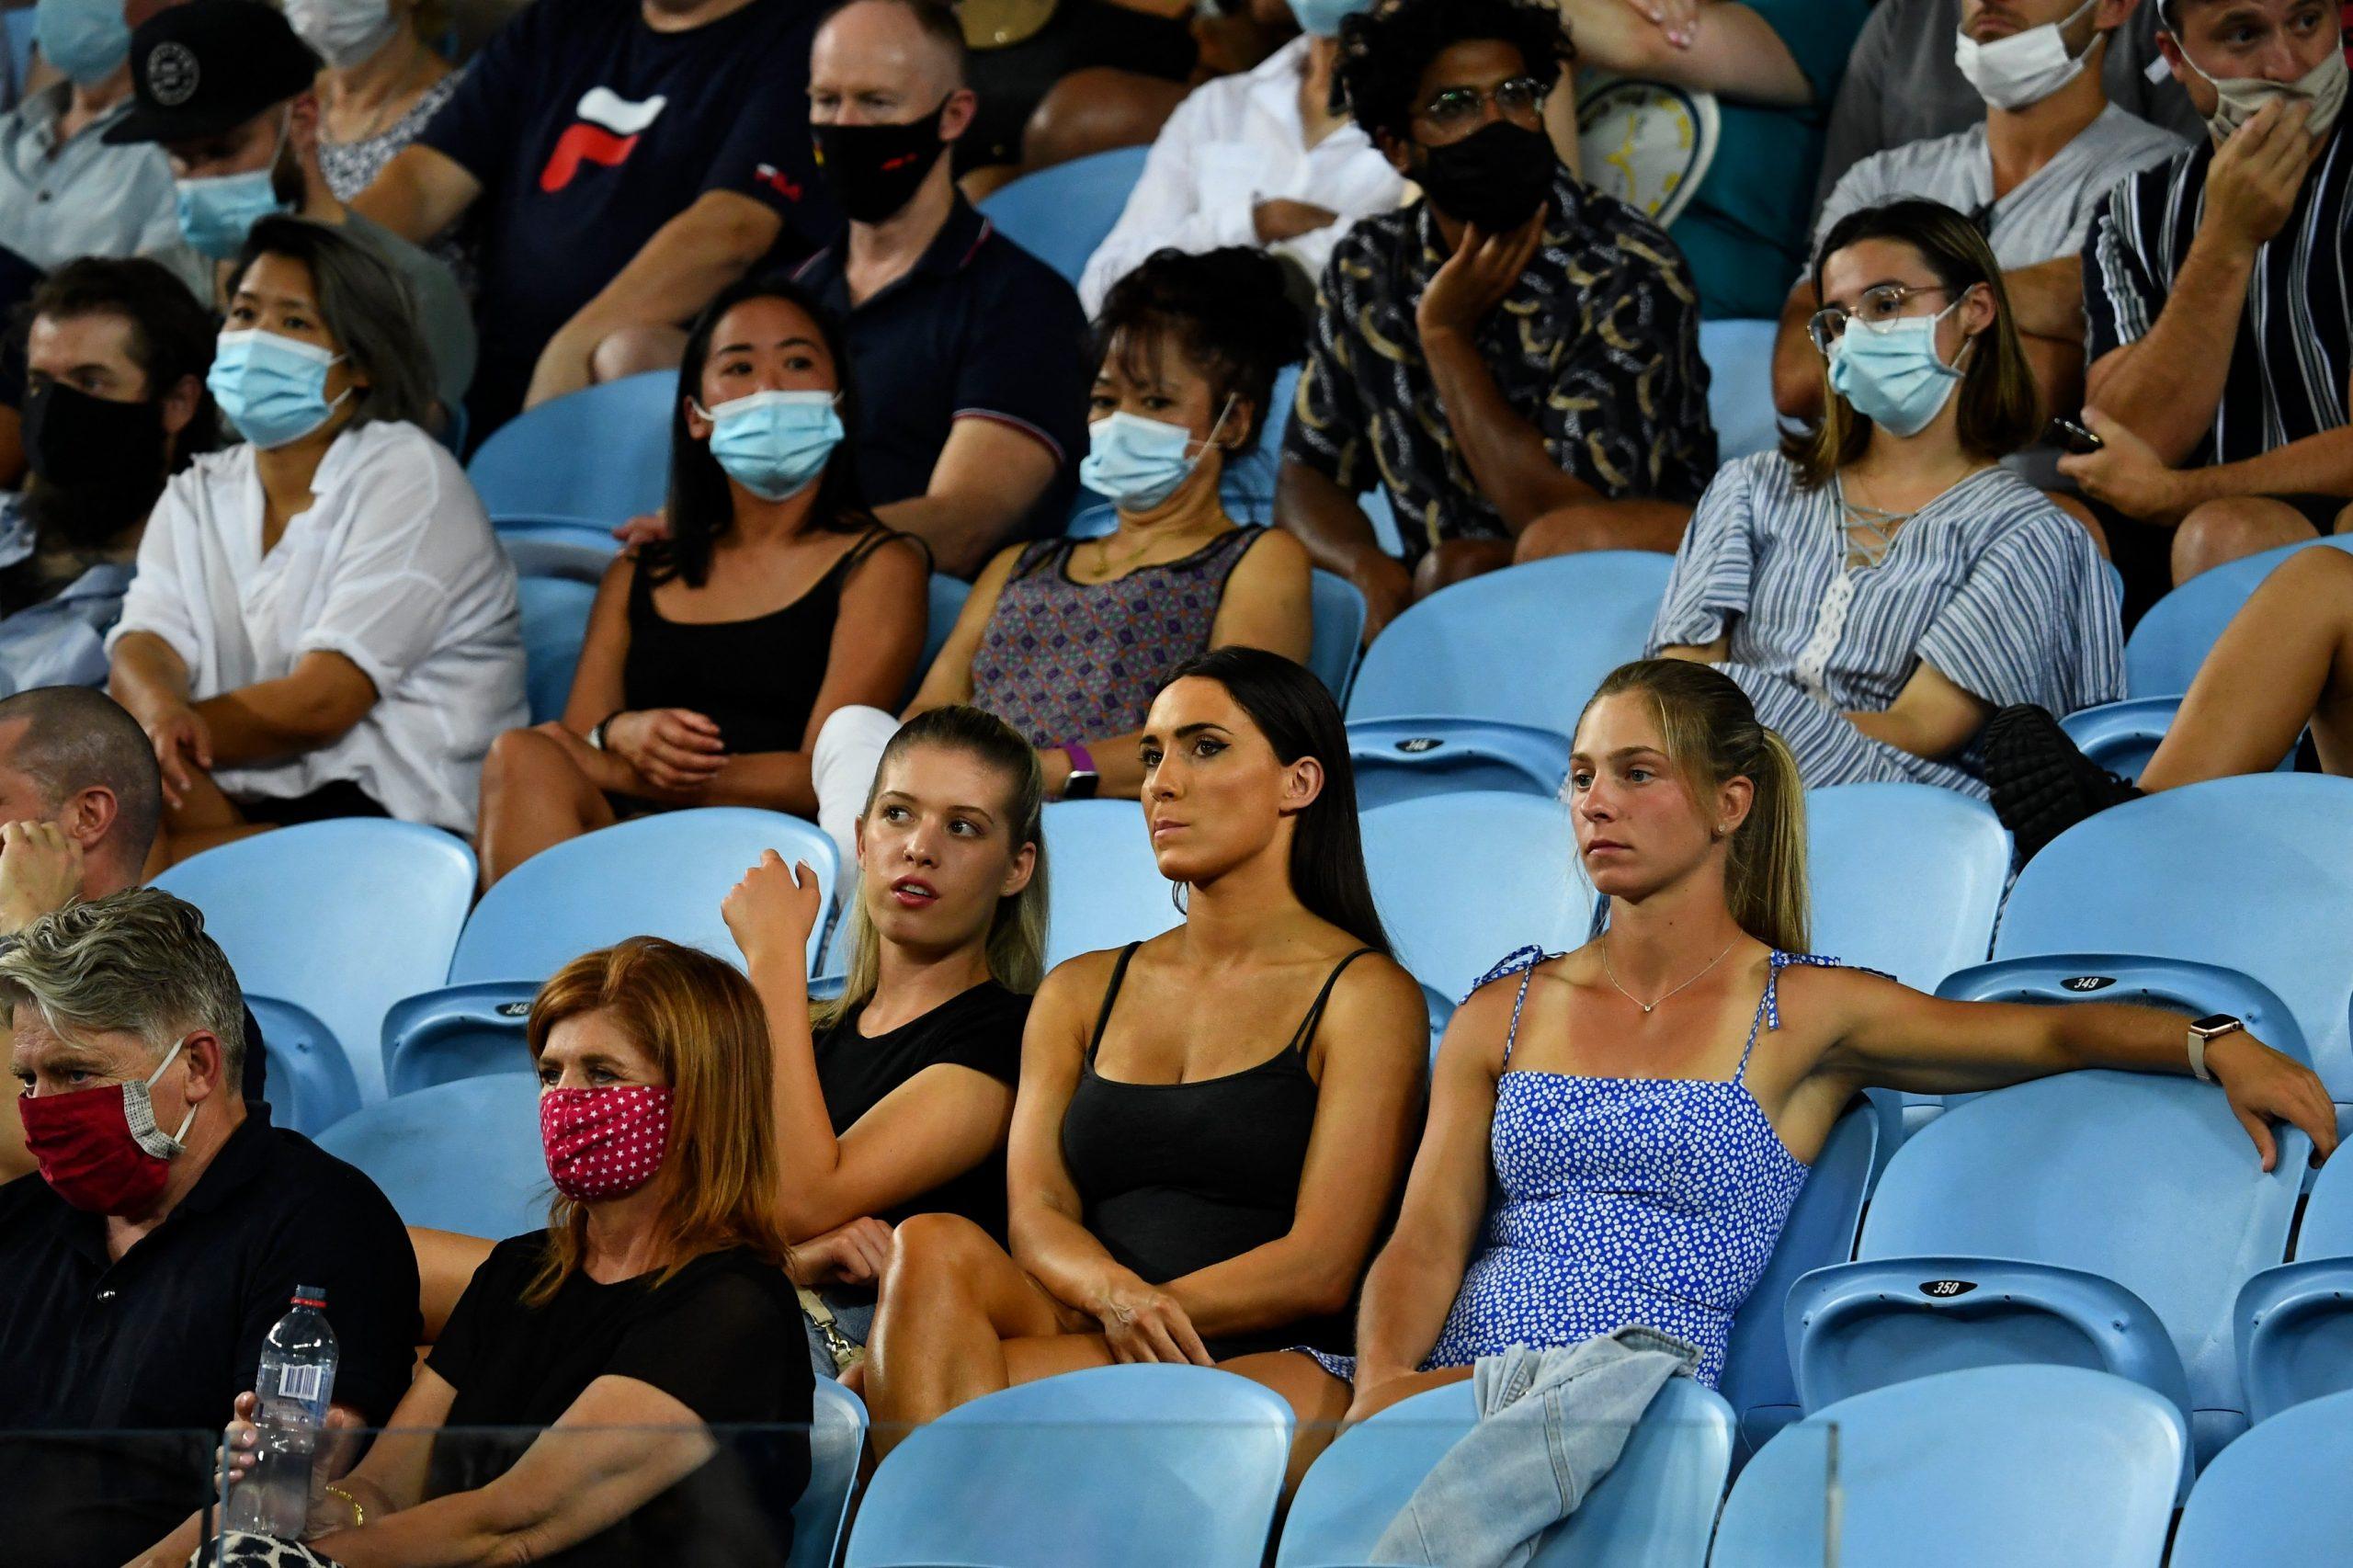 australian open tribune spectatori profimedia 0590274187 scaled